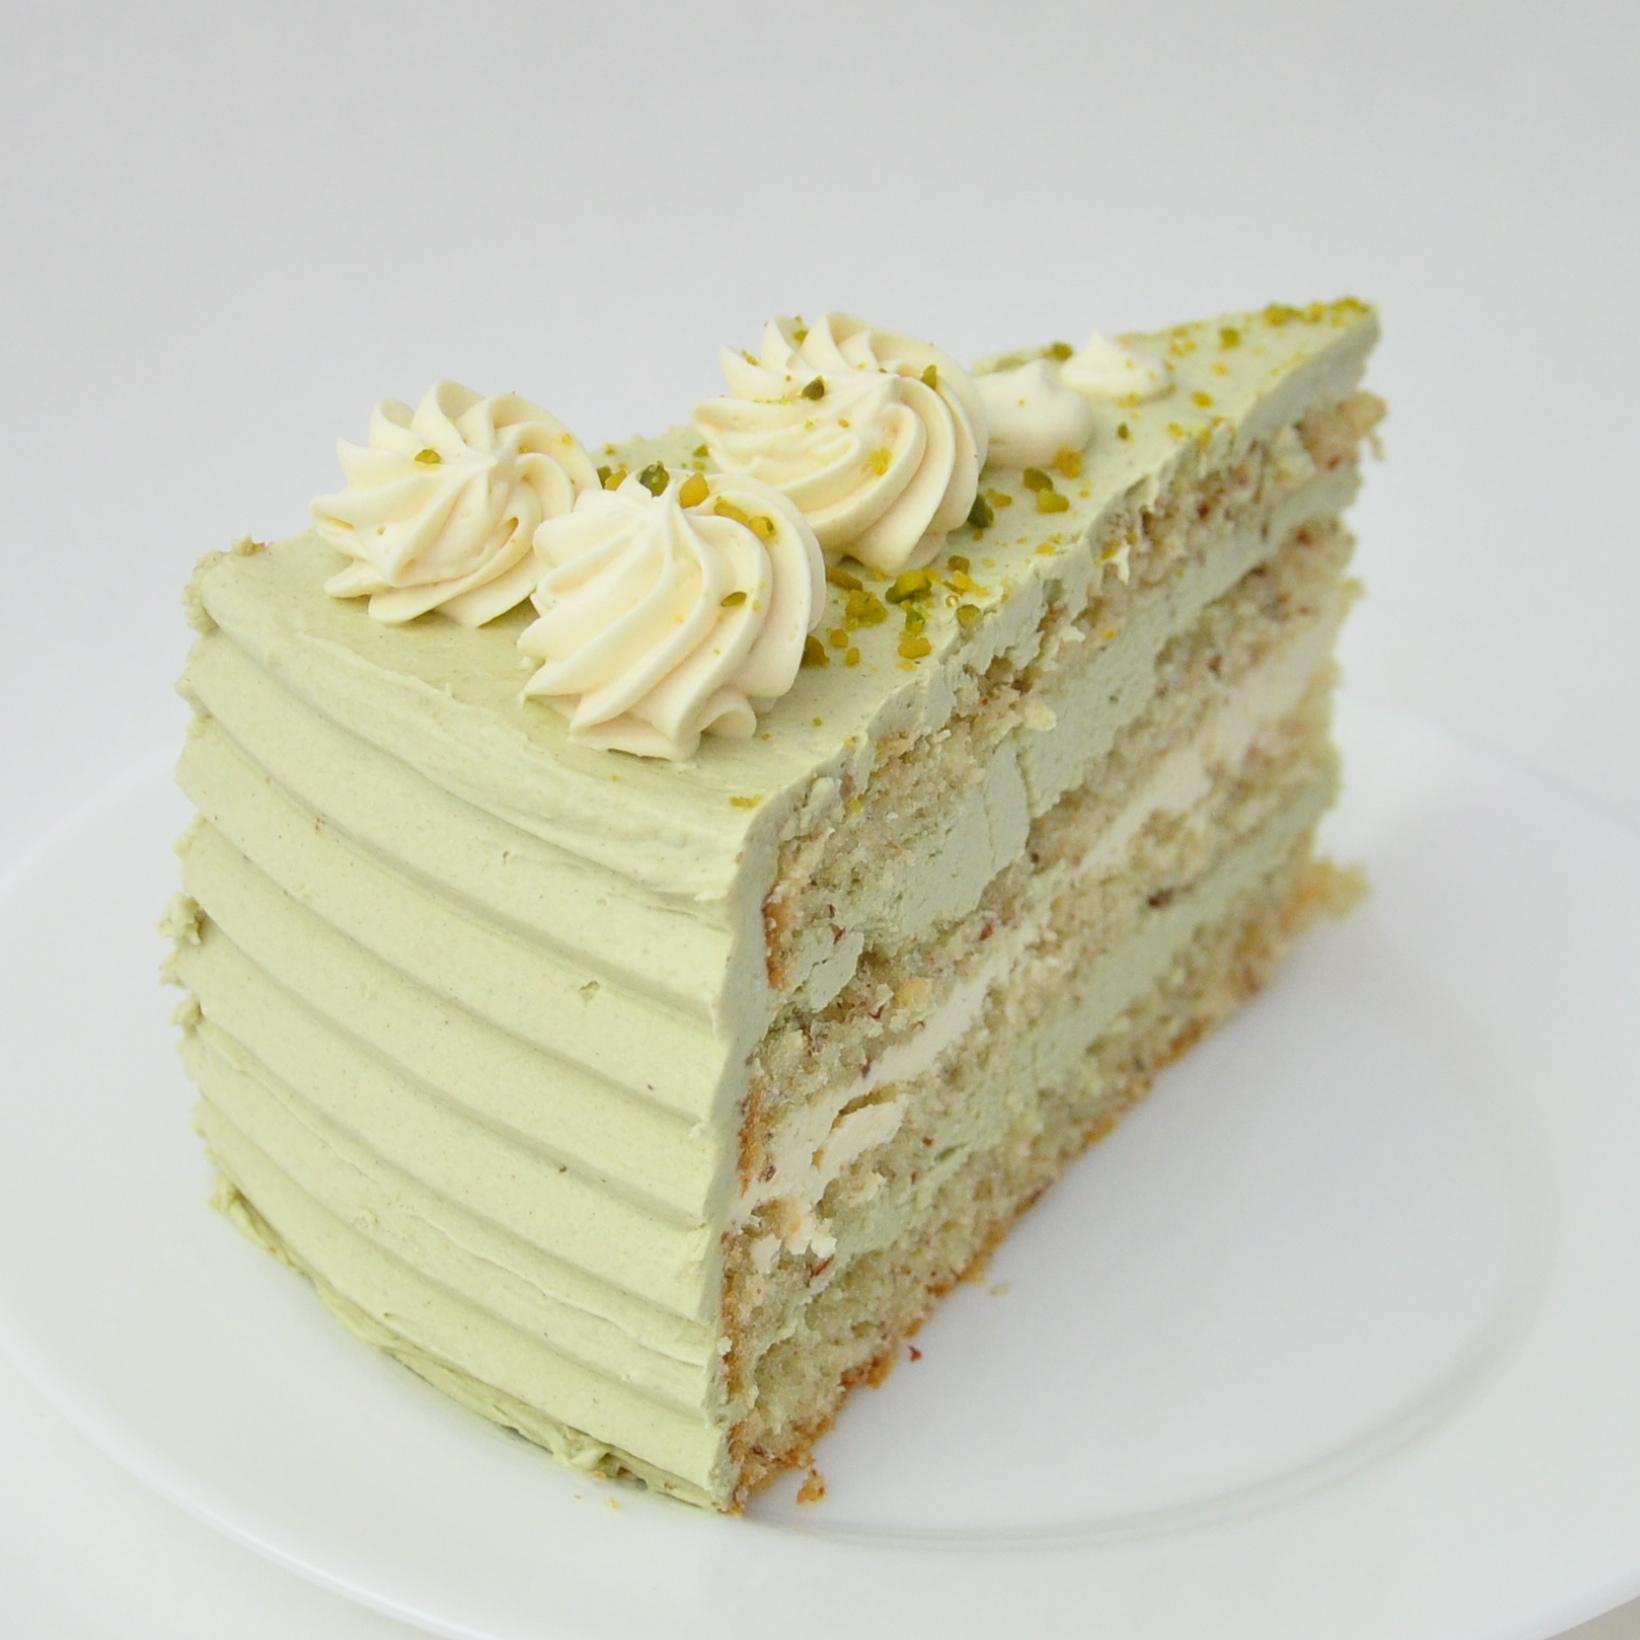 Eis-Voh-glutenfrei-Kuchen-Mandel-Pistaziencreme-Torte